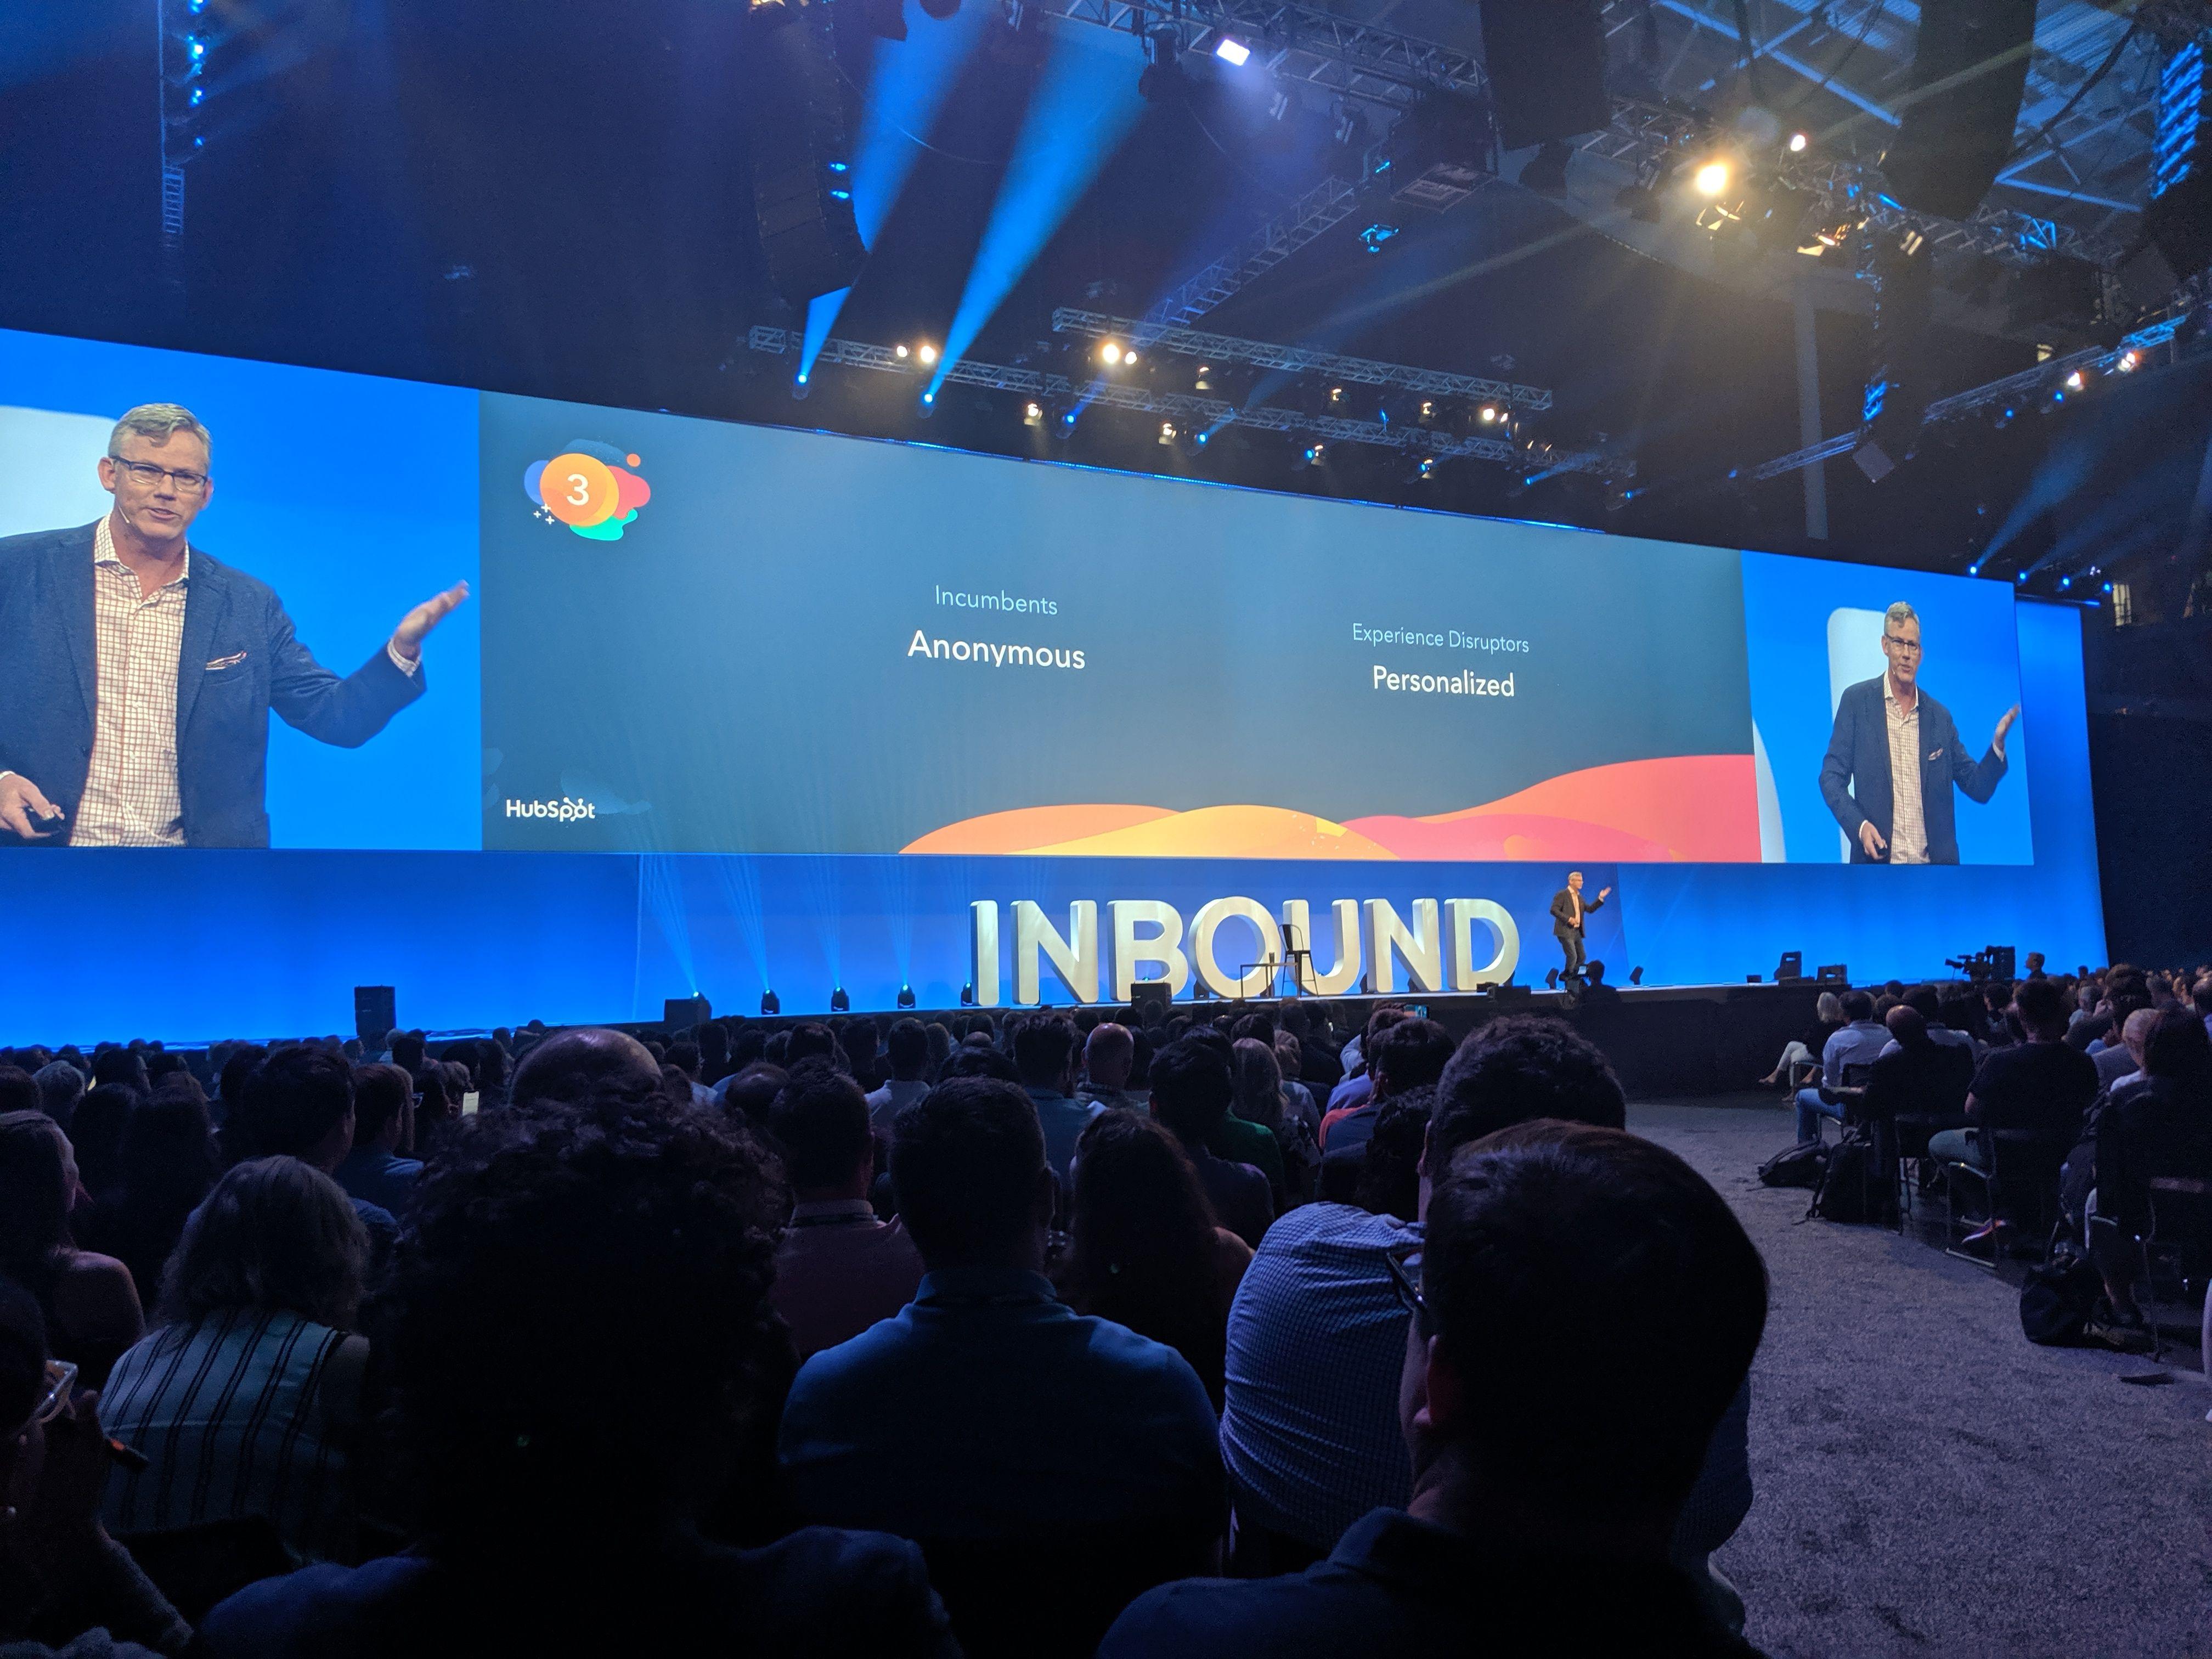 Inbound19 Conference Design Stage Design Backdrop Design